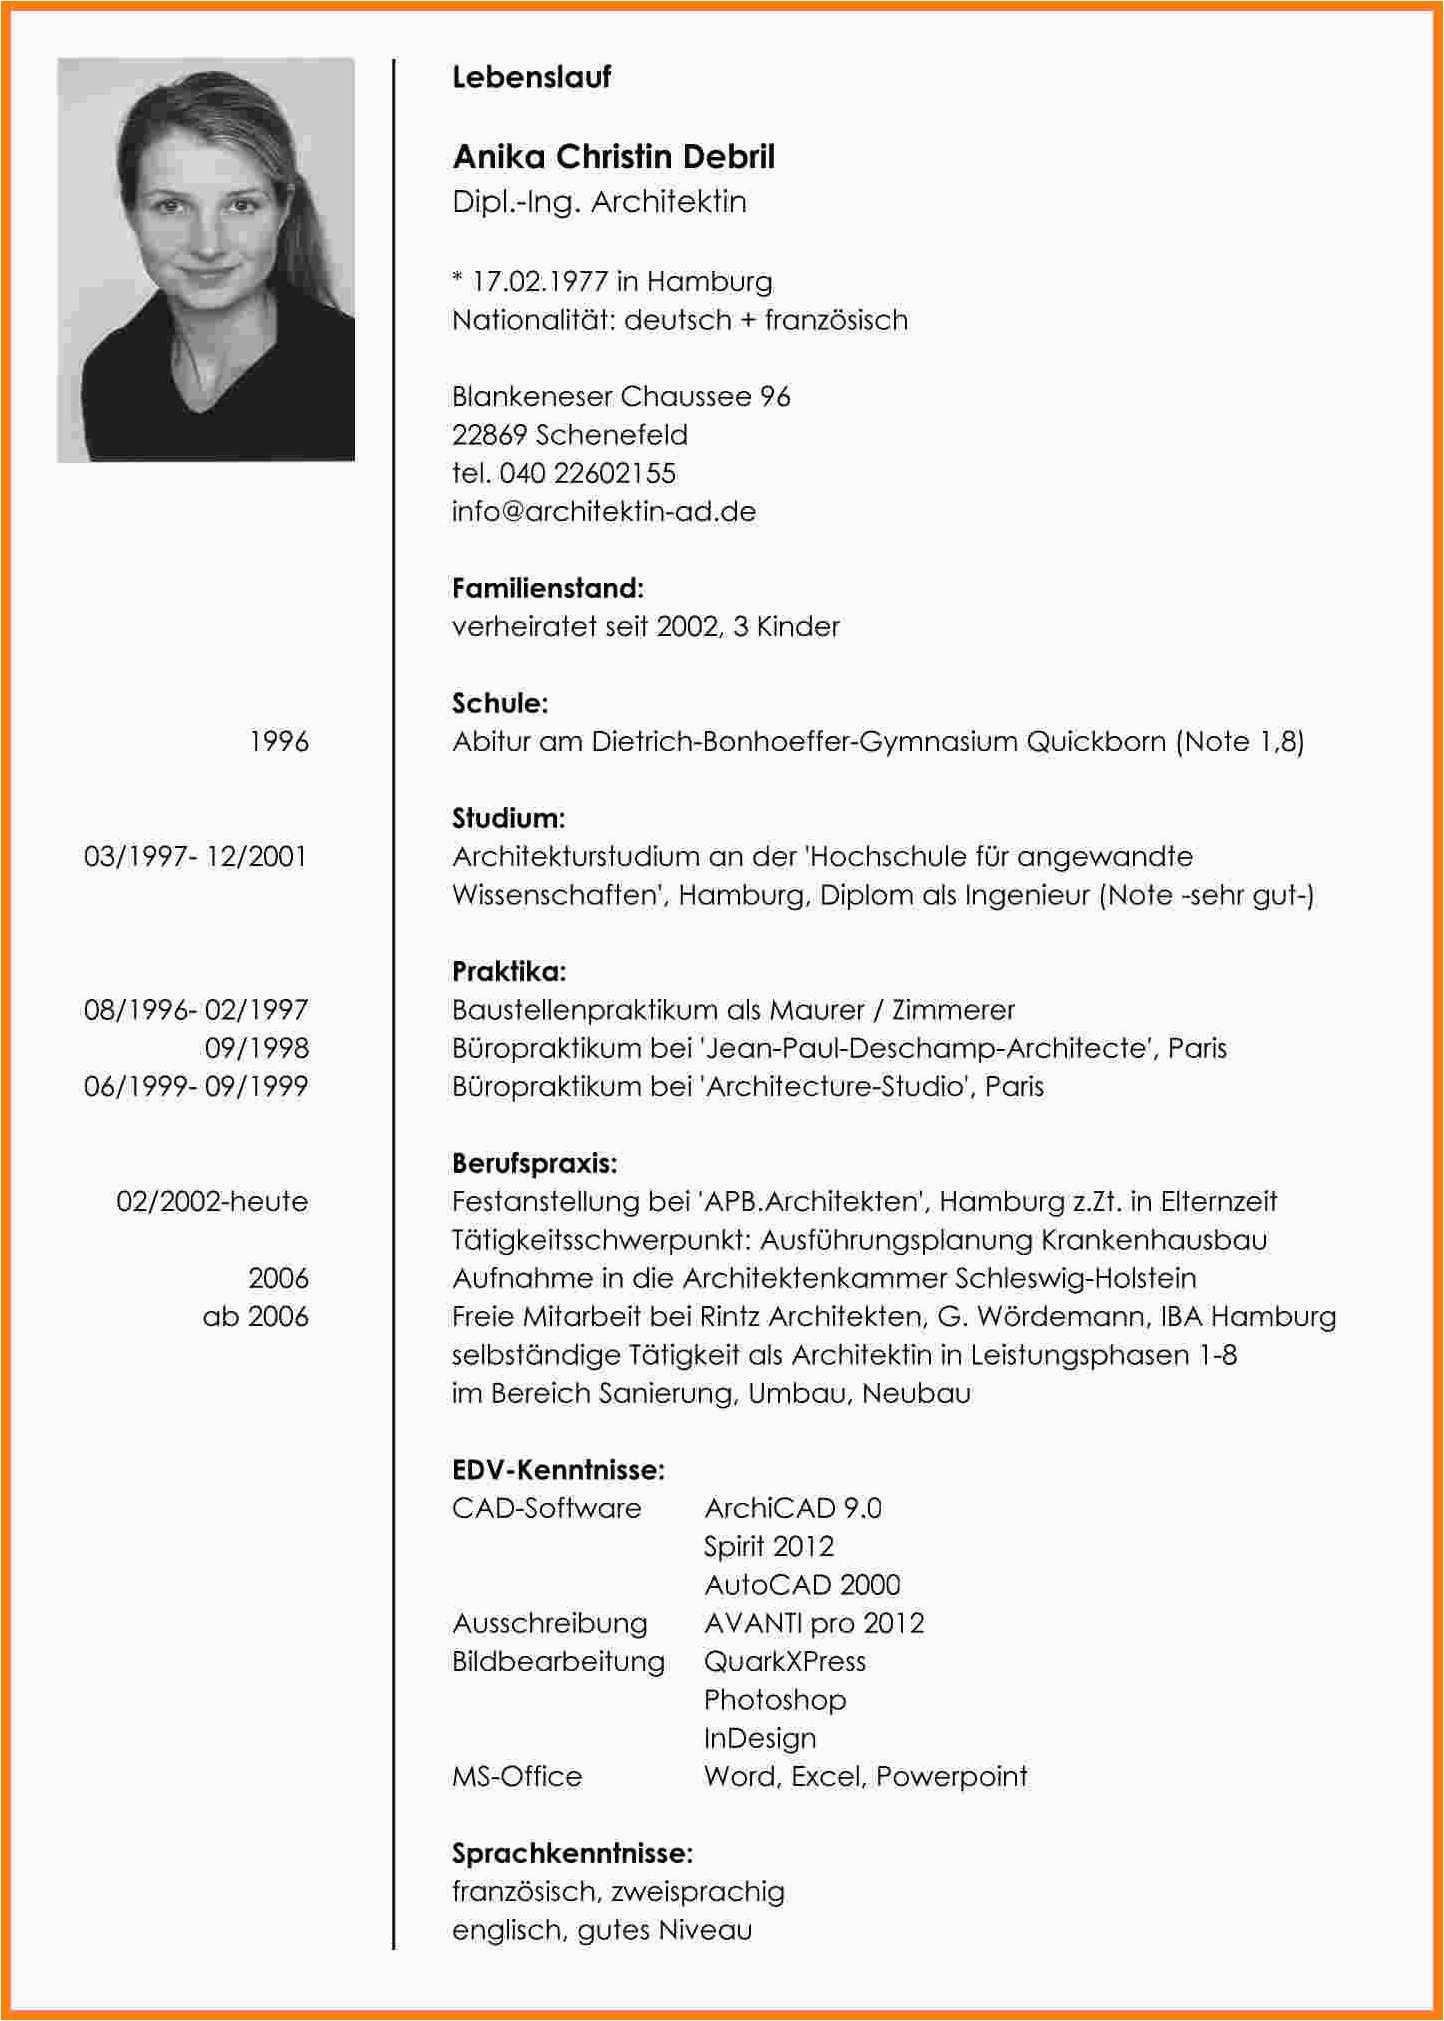 Objective Lebenslauf Deutsch In 2020 Lebenslauf Vorlagen Lebenslauf Lebenslauf Beispiele